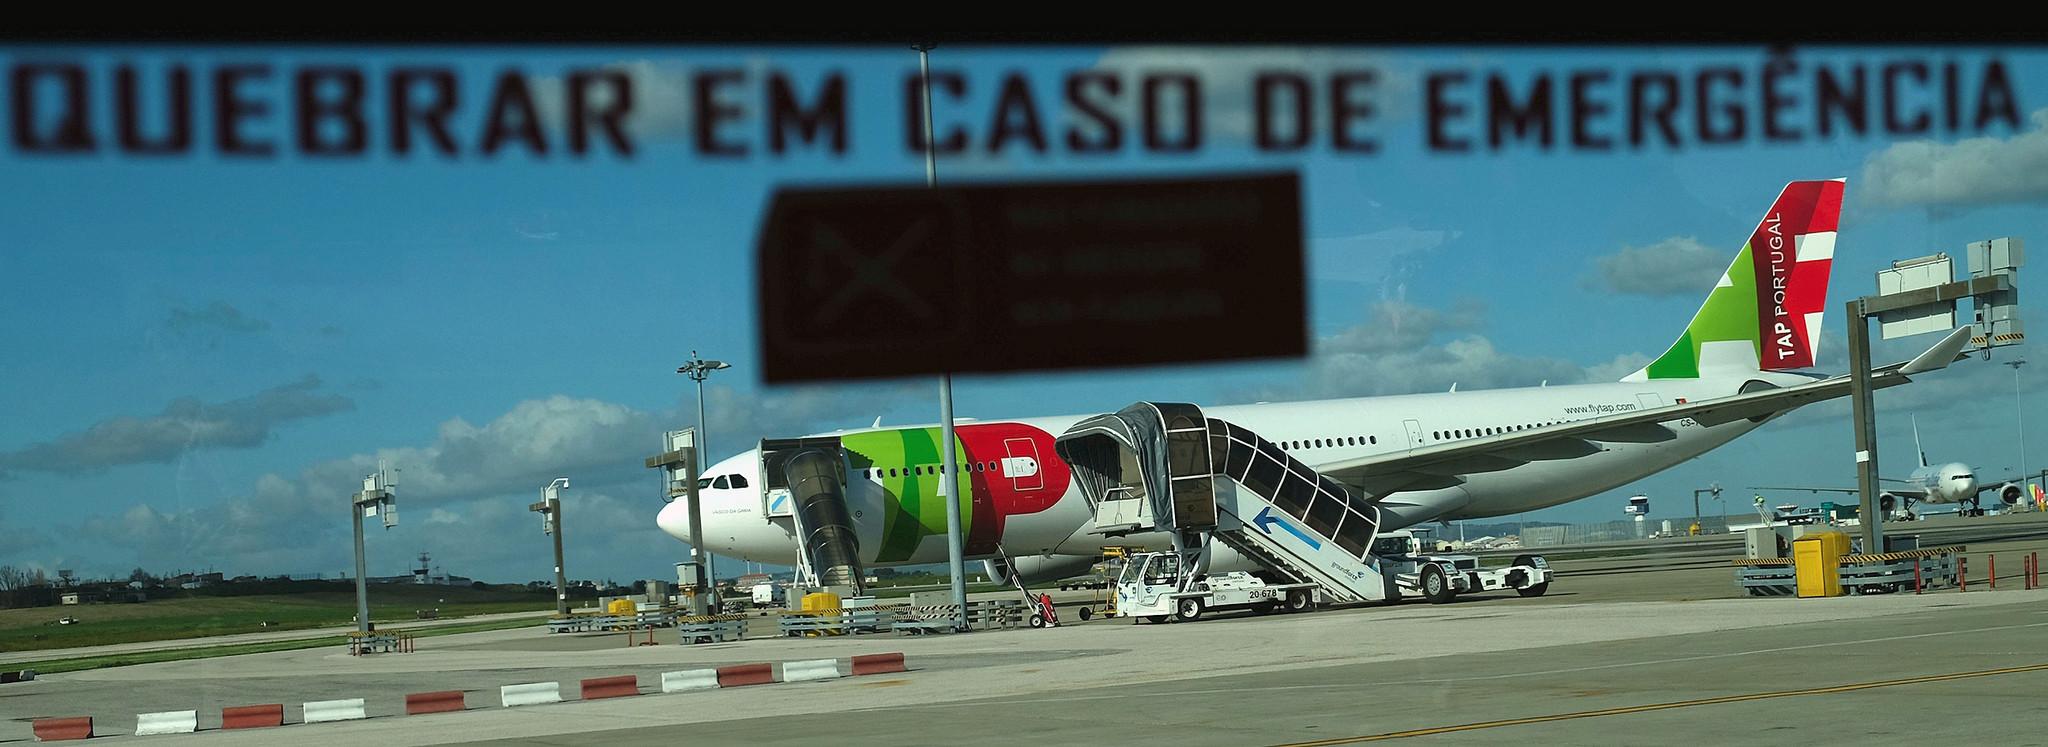 Resolução do Conselho de Ministros declara a TAP, a Portugália e a Cateringpor em situação económica difícil